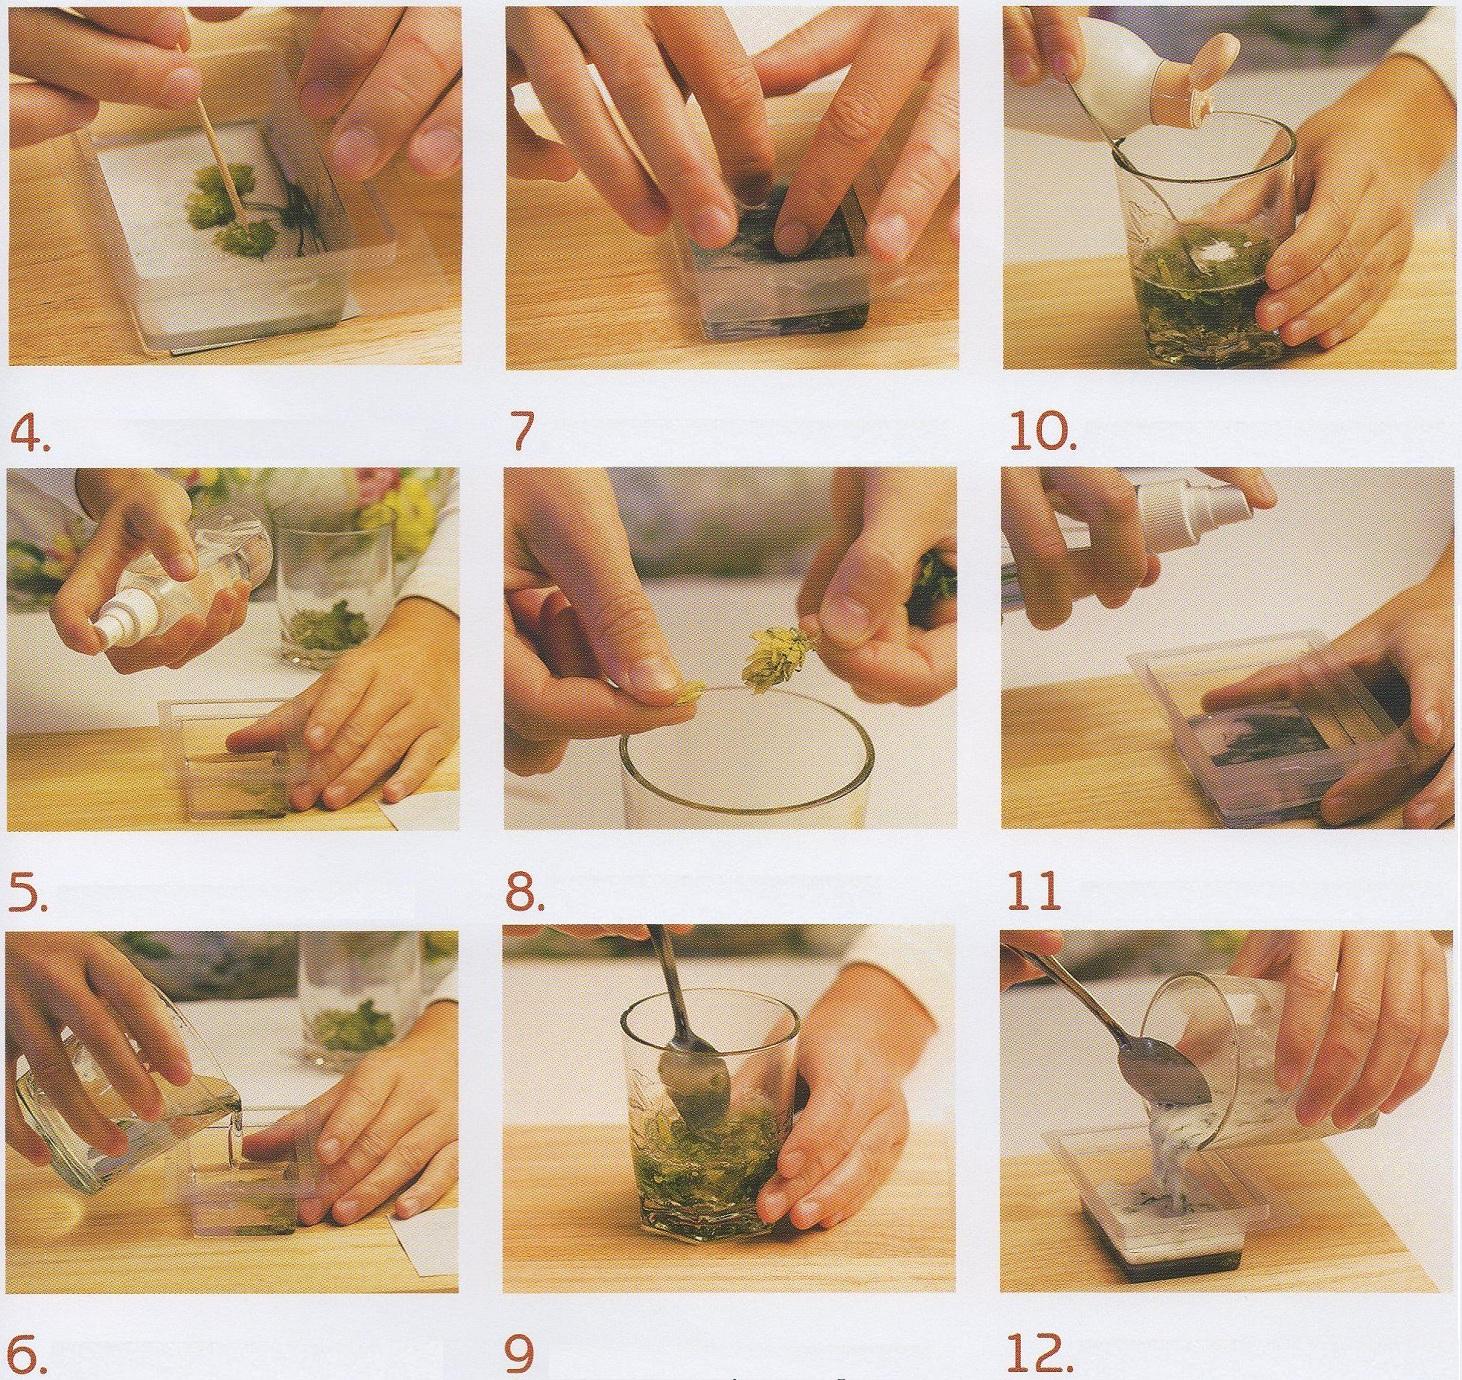 кухни мыло с картинкой своими руками инструкция эти